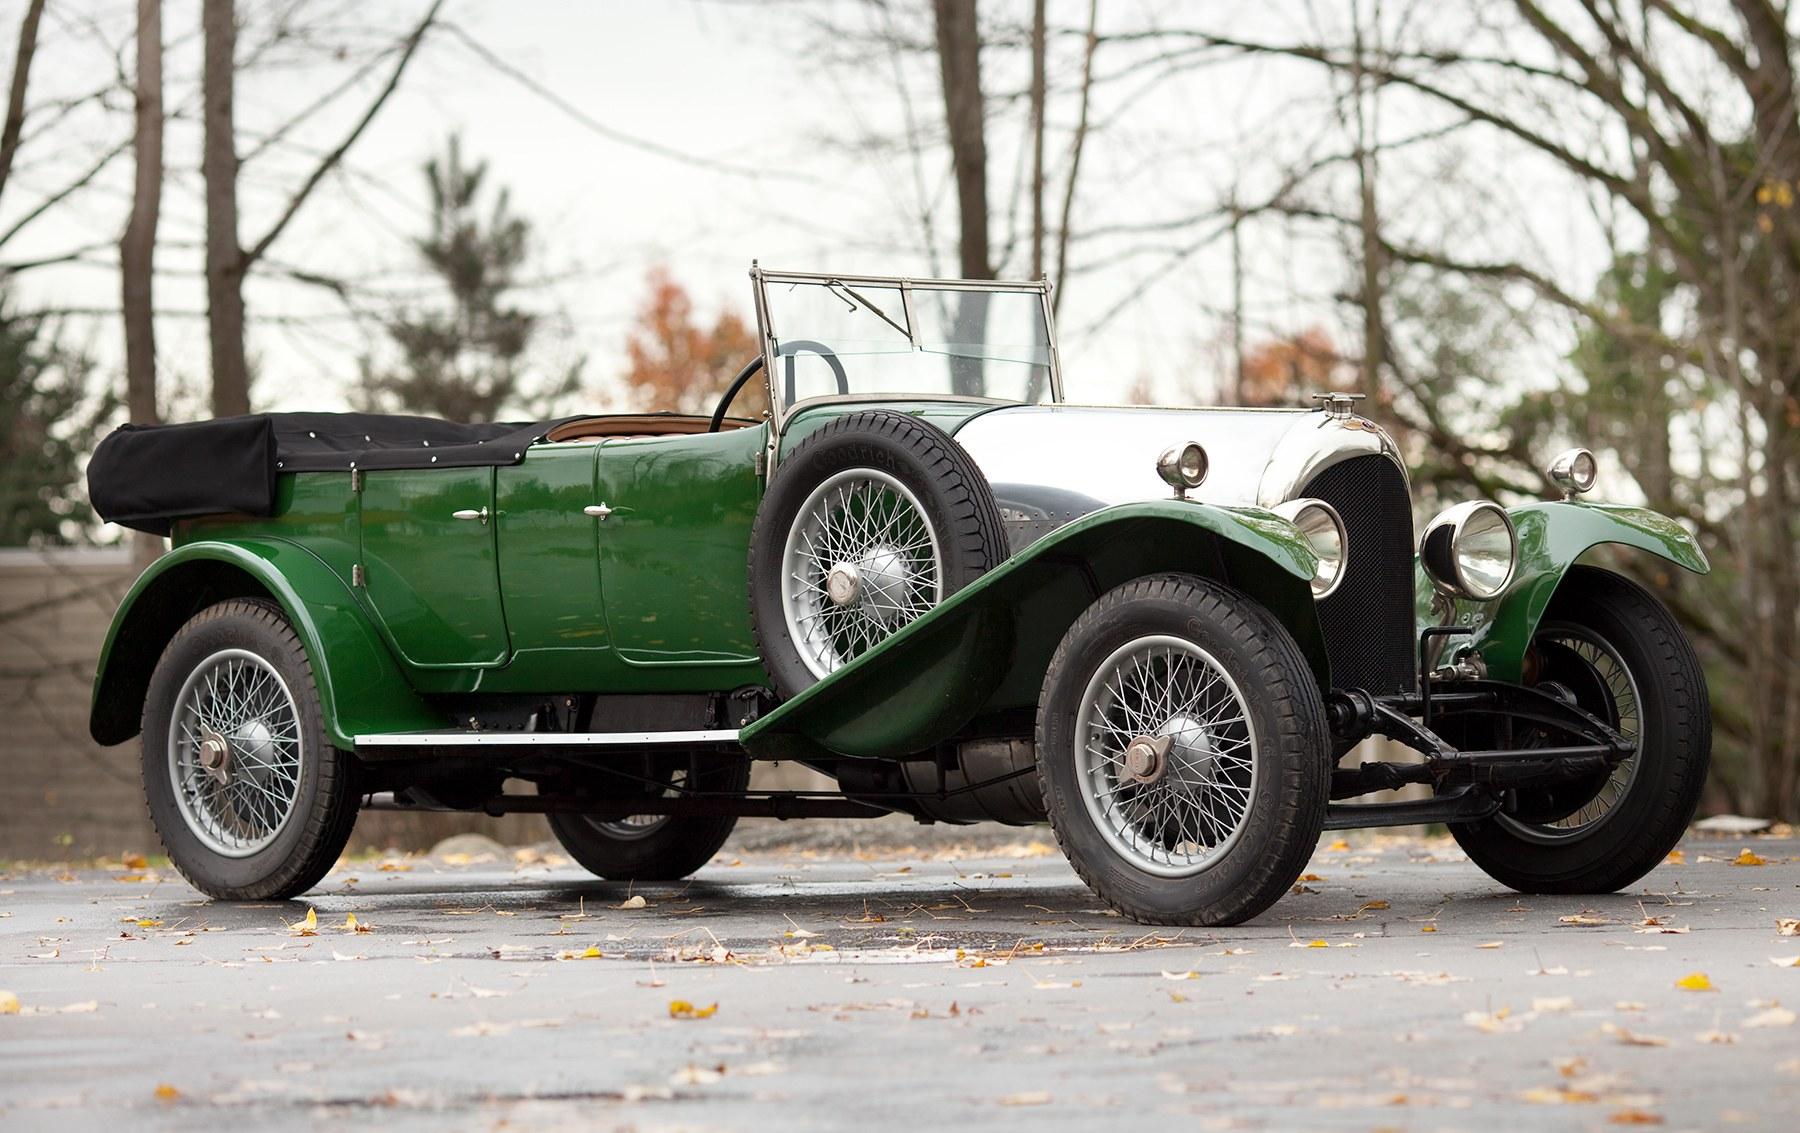 1925 Bentley Three-Litre Tourer